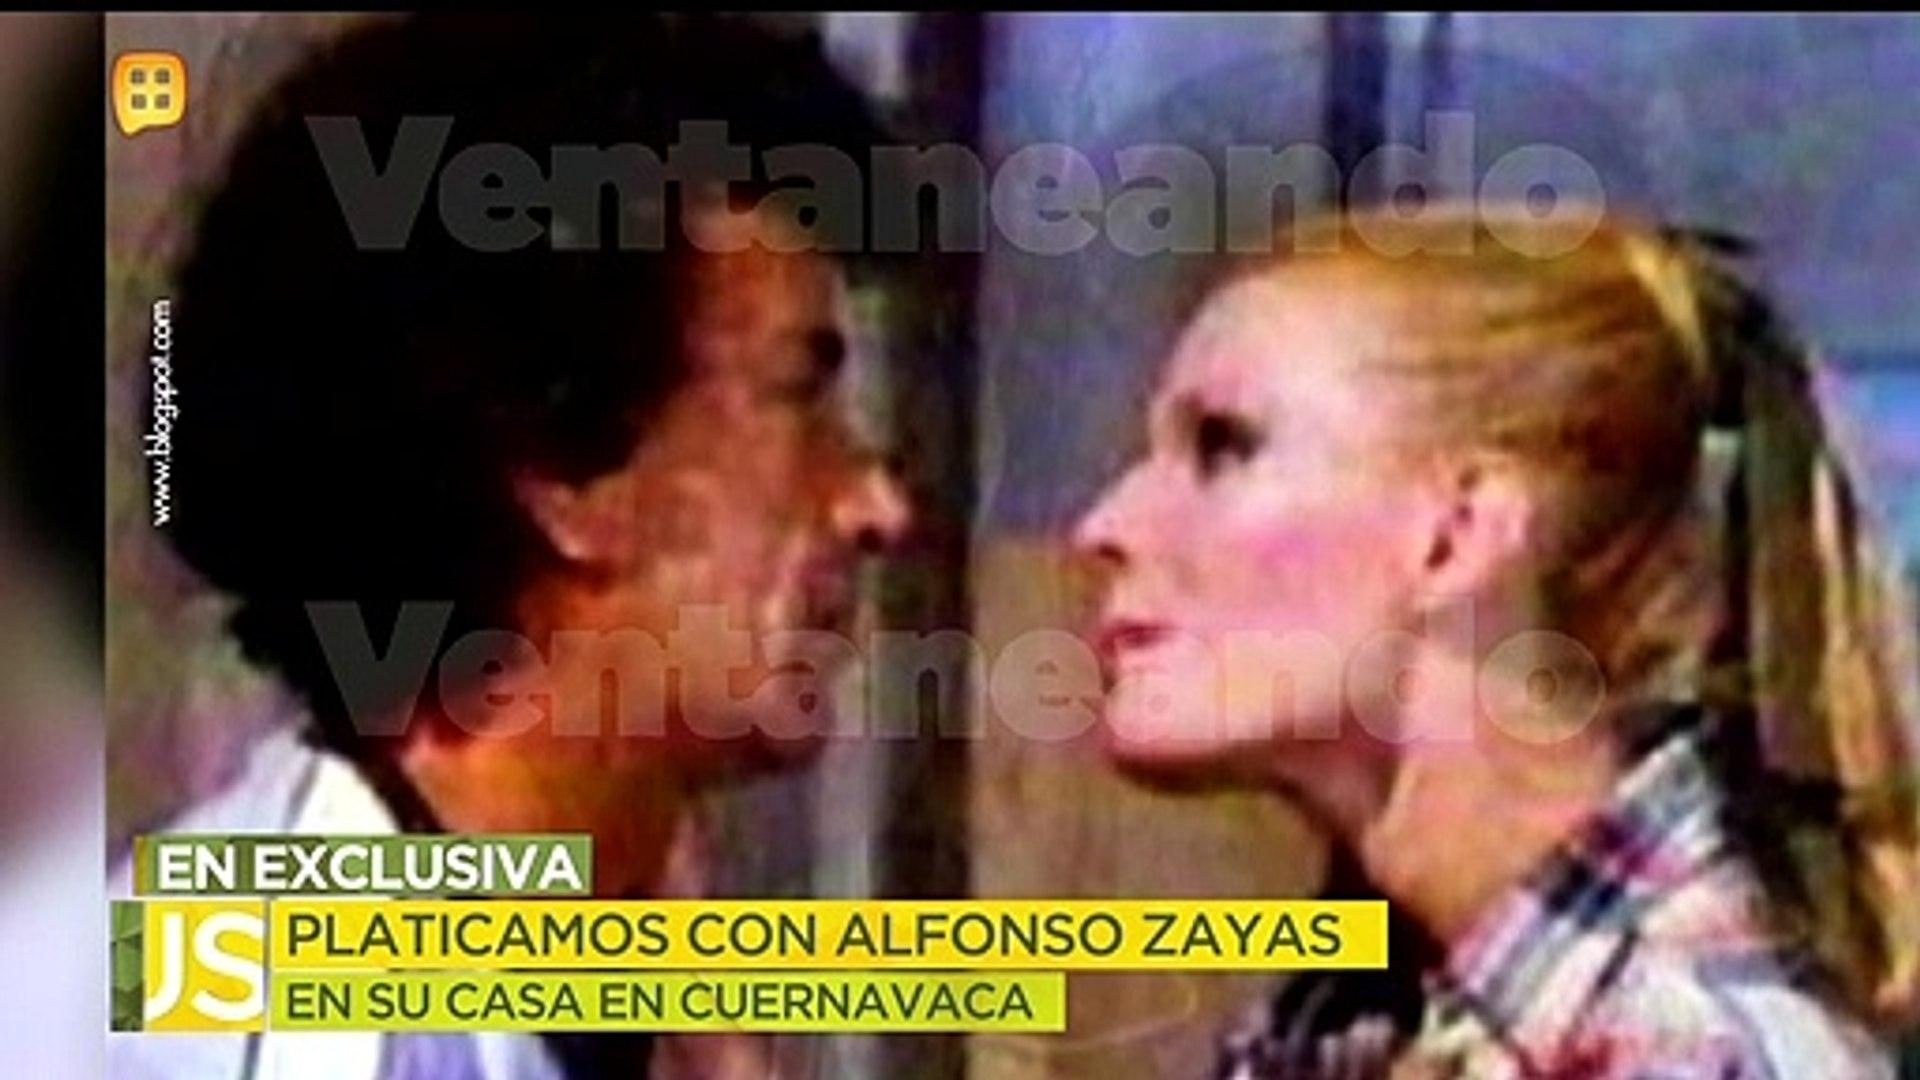 ¿Alfonso Zayas cedió a los encantos de alguna de las actrices con las que trabajó? | Ventaneando